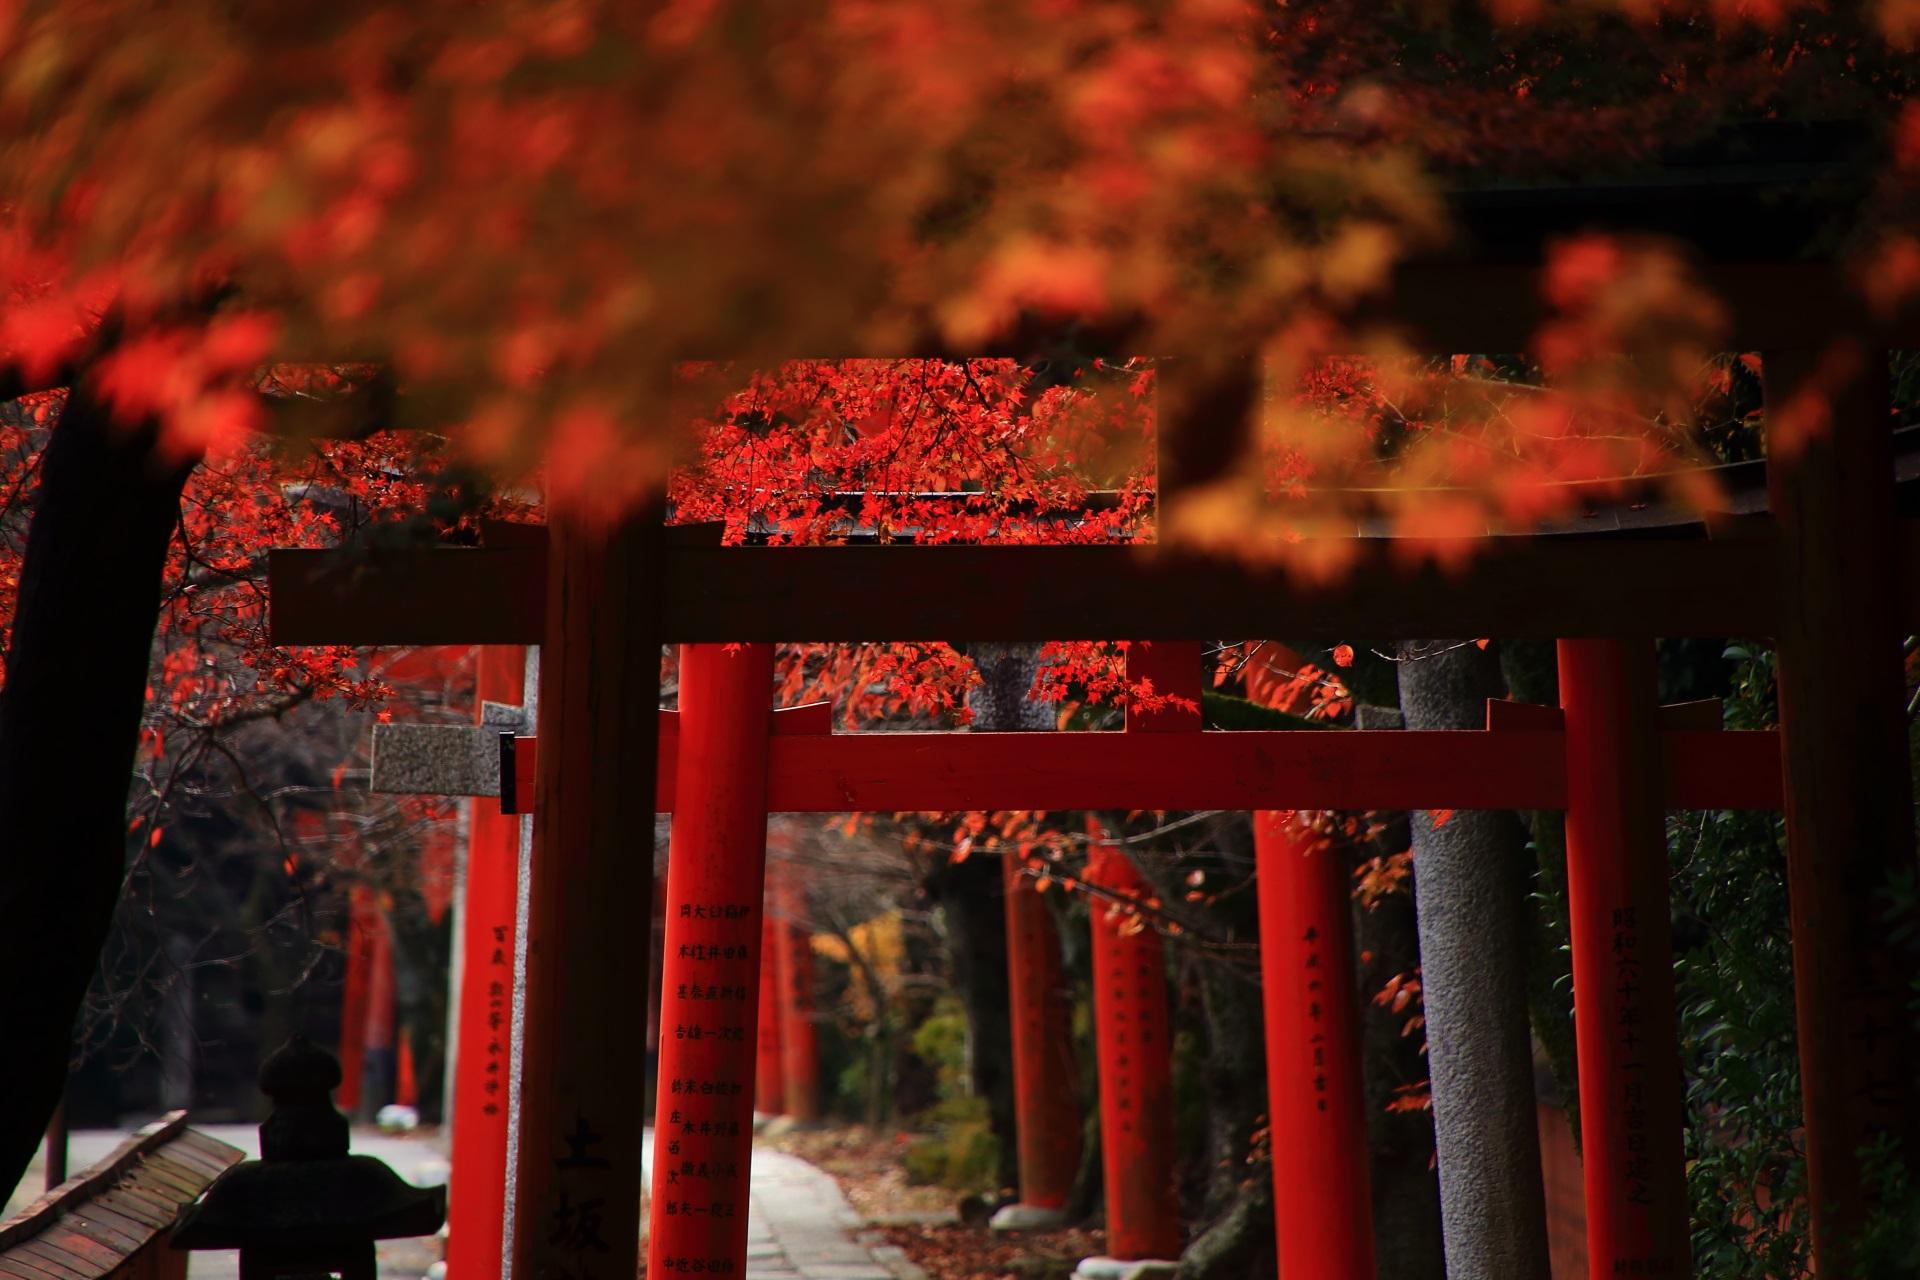 竹中稲荷神社の厳かな雰囲気も漂う参道と鳥居を彩る多様な紅葉